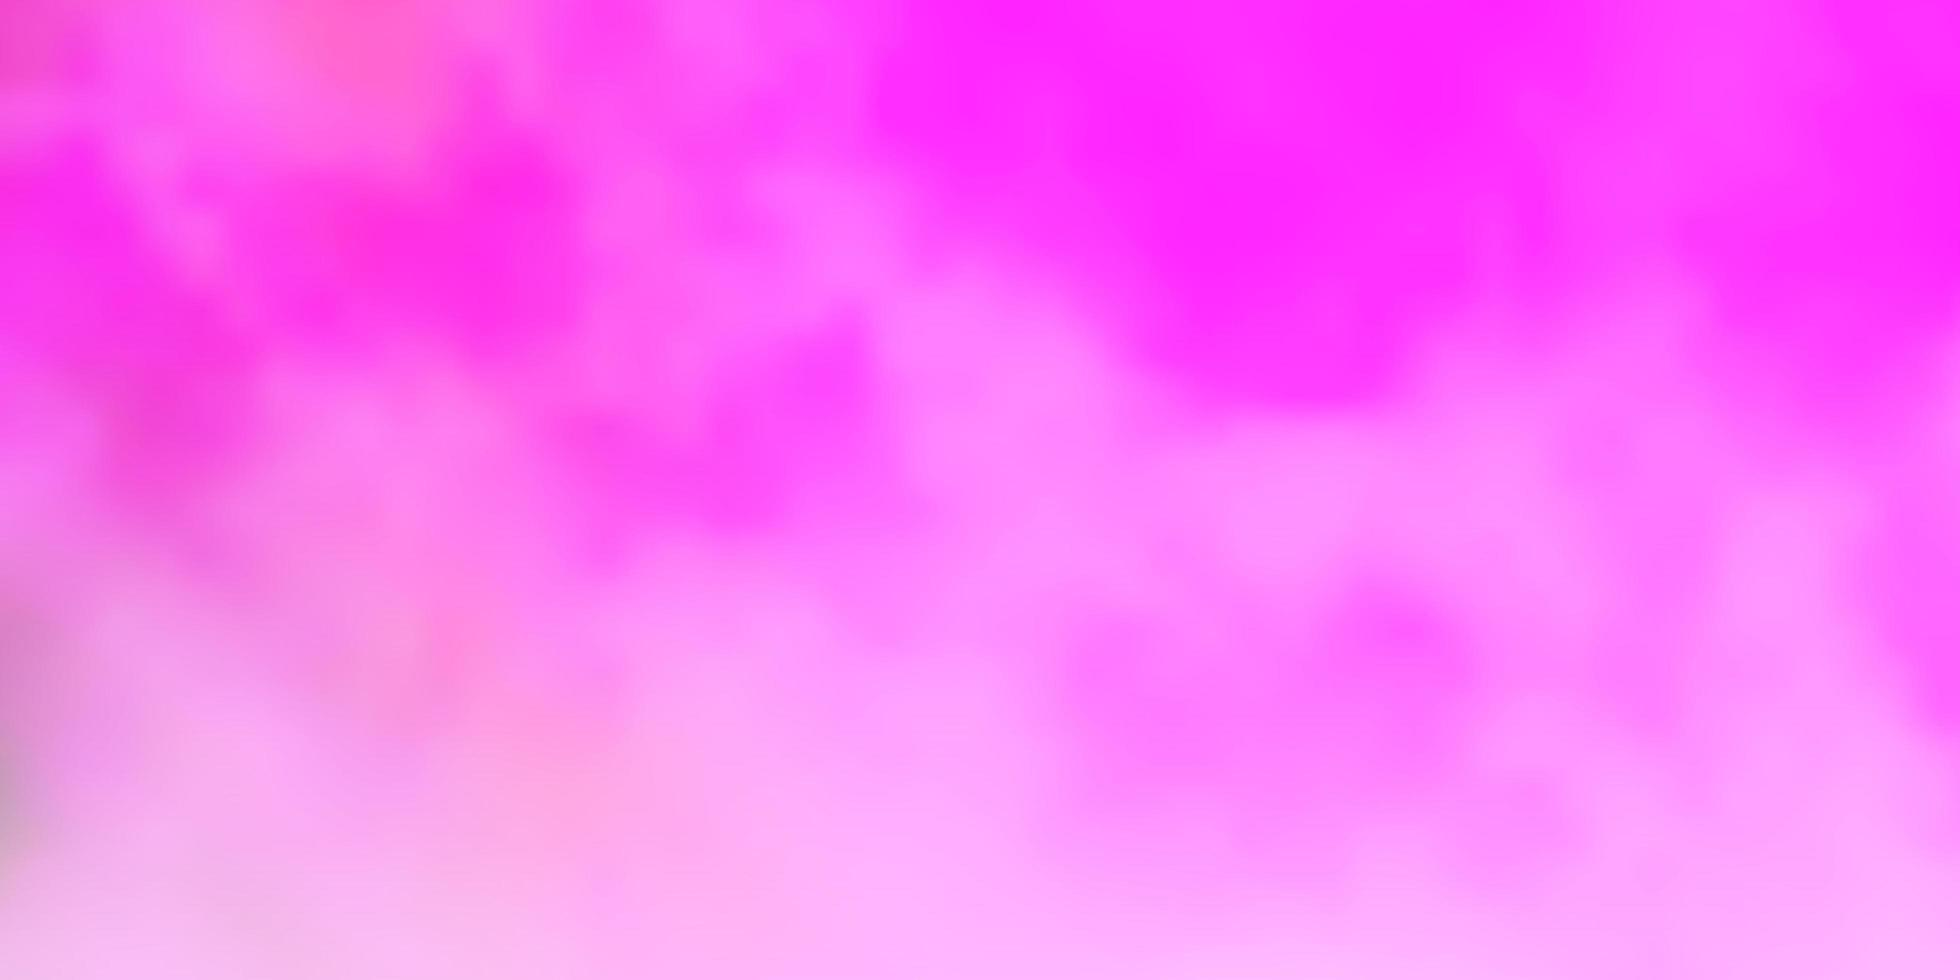 modello vettoriale rosa chiaro con nuvole.